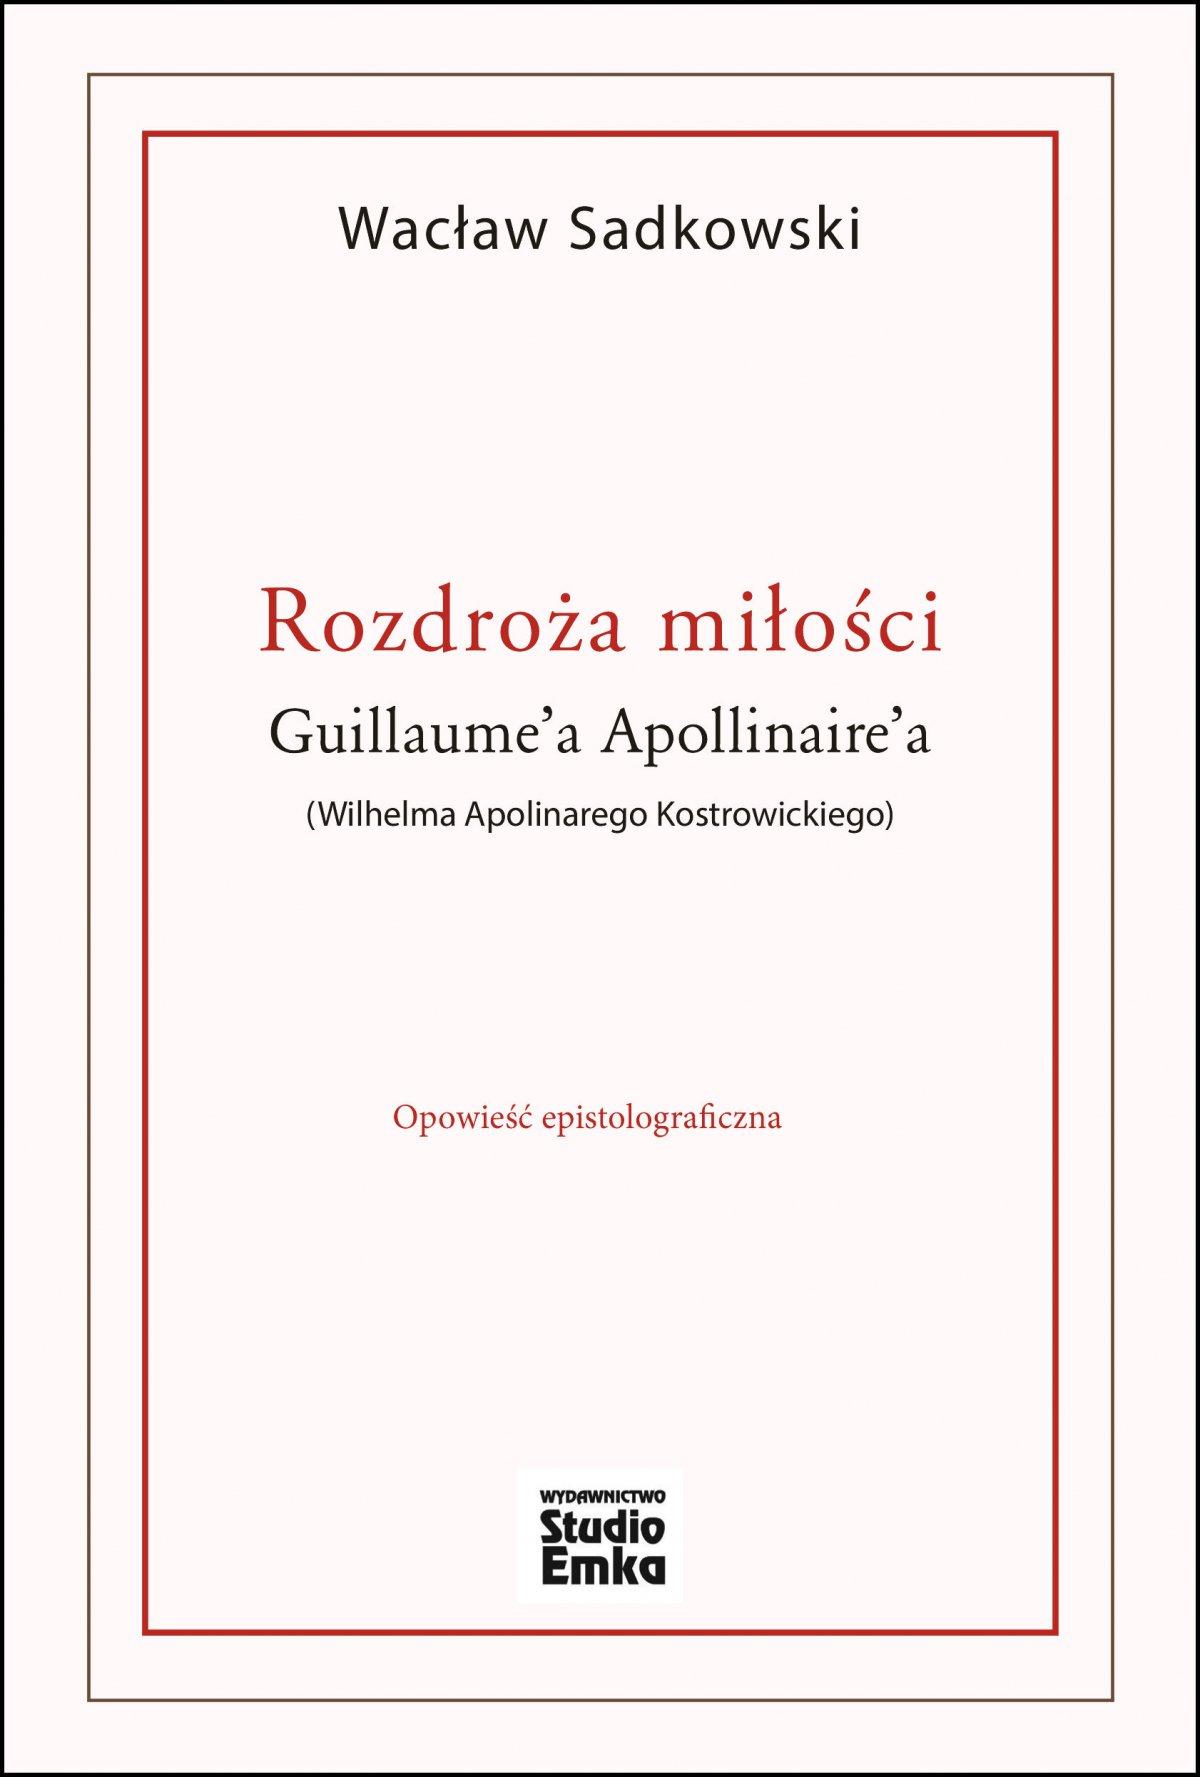 Rozdroża miłości Guillaume'a Apollinaire'a (Wilhelma Apolinarego Kostrowickiego) - Ebook (Książka EPUB) do pobrania w formacie EPUB